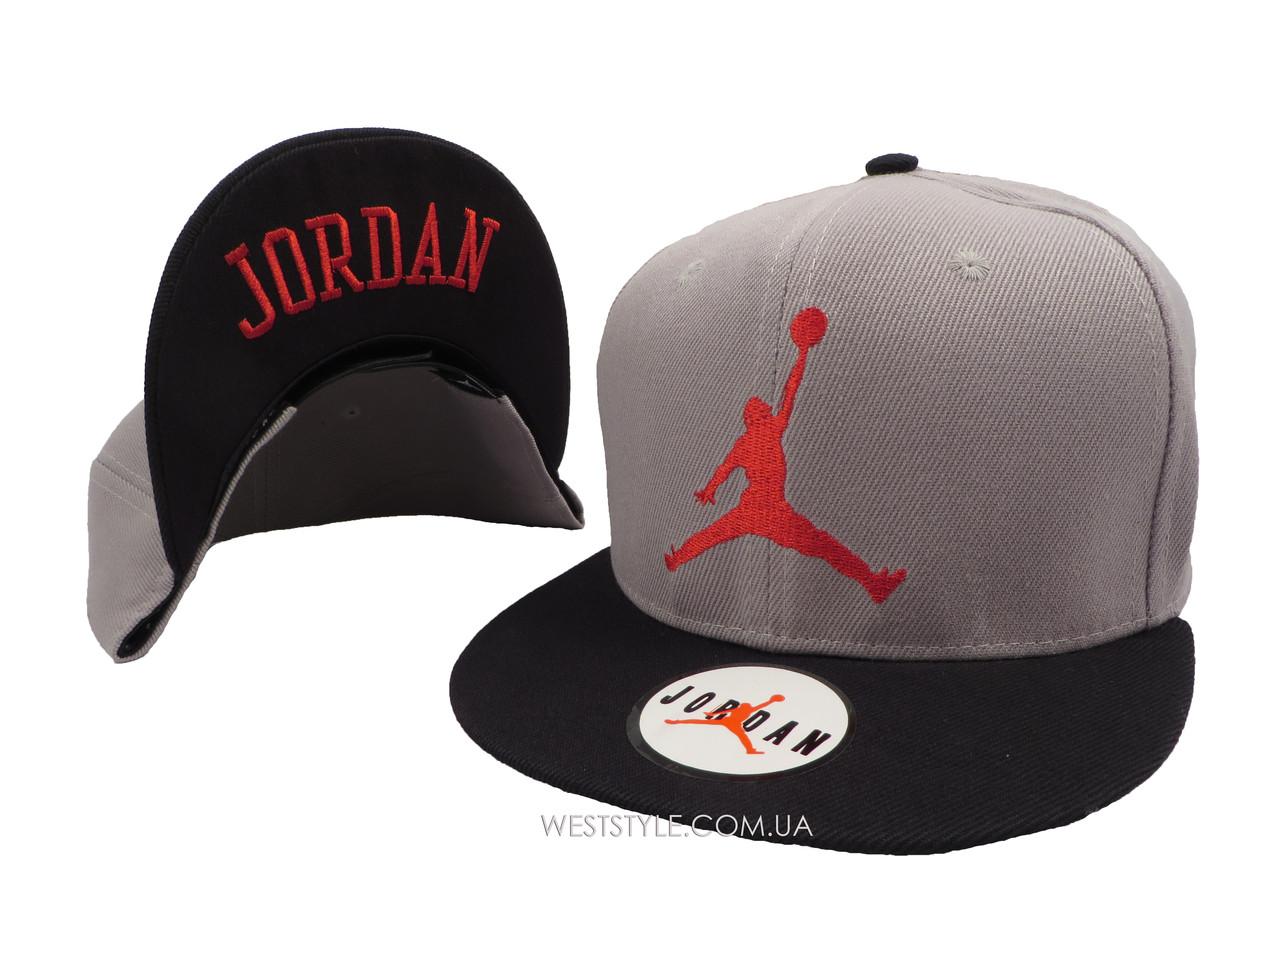 Серая кепка Jordan с черным козырьком (реплика)